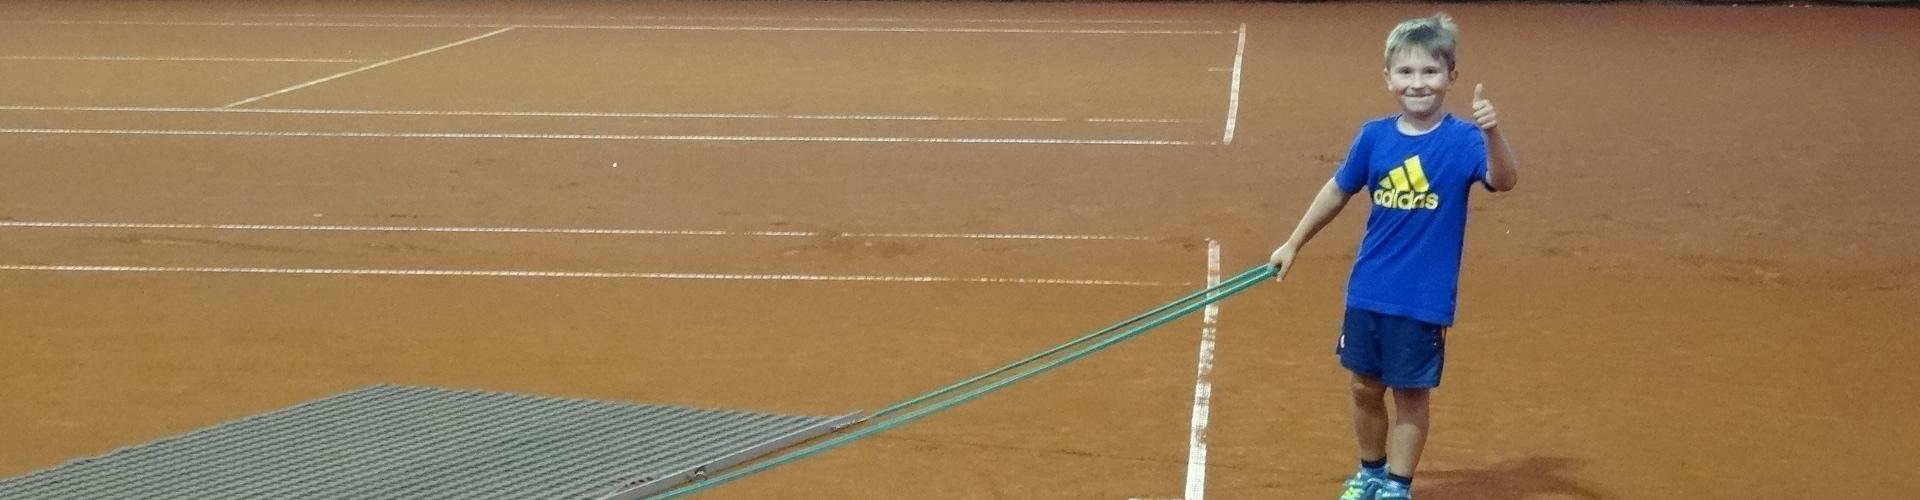 Tennisplatz Gußwerk, © Namesnig